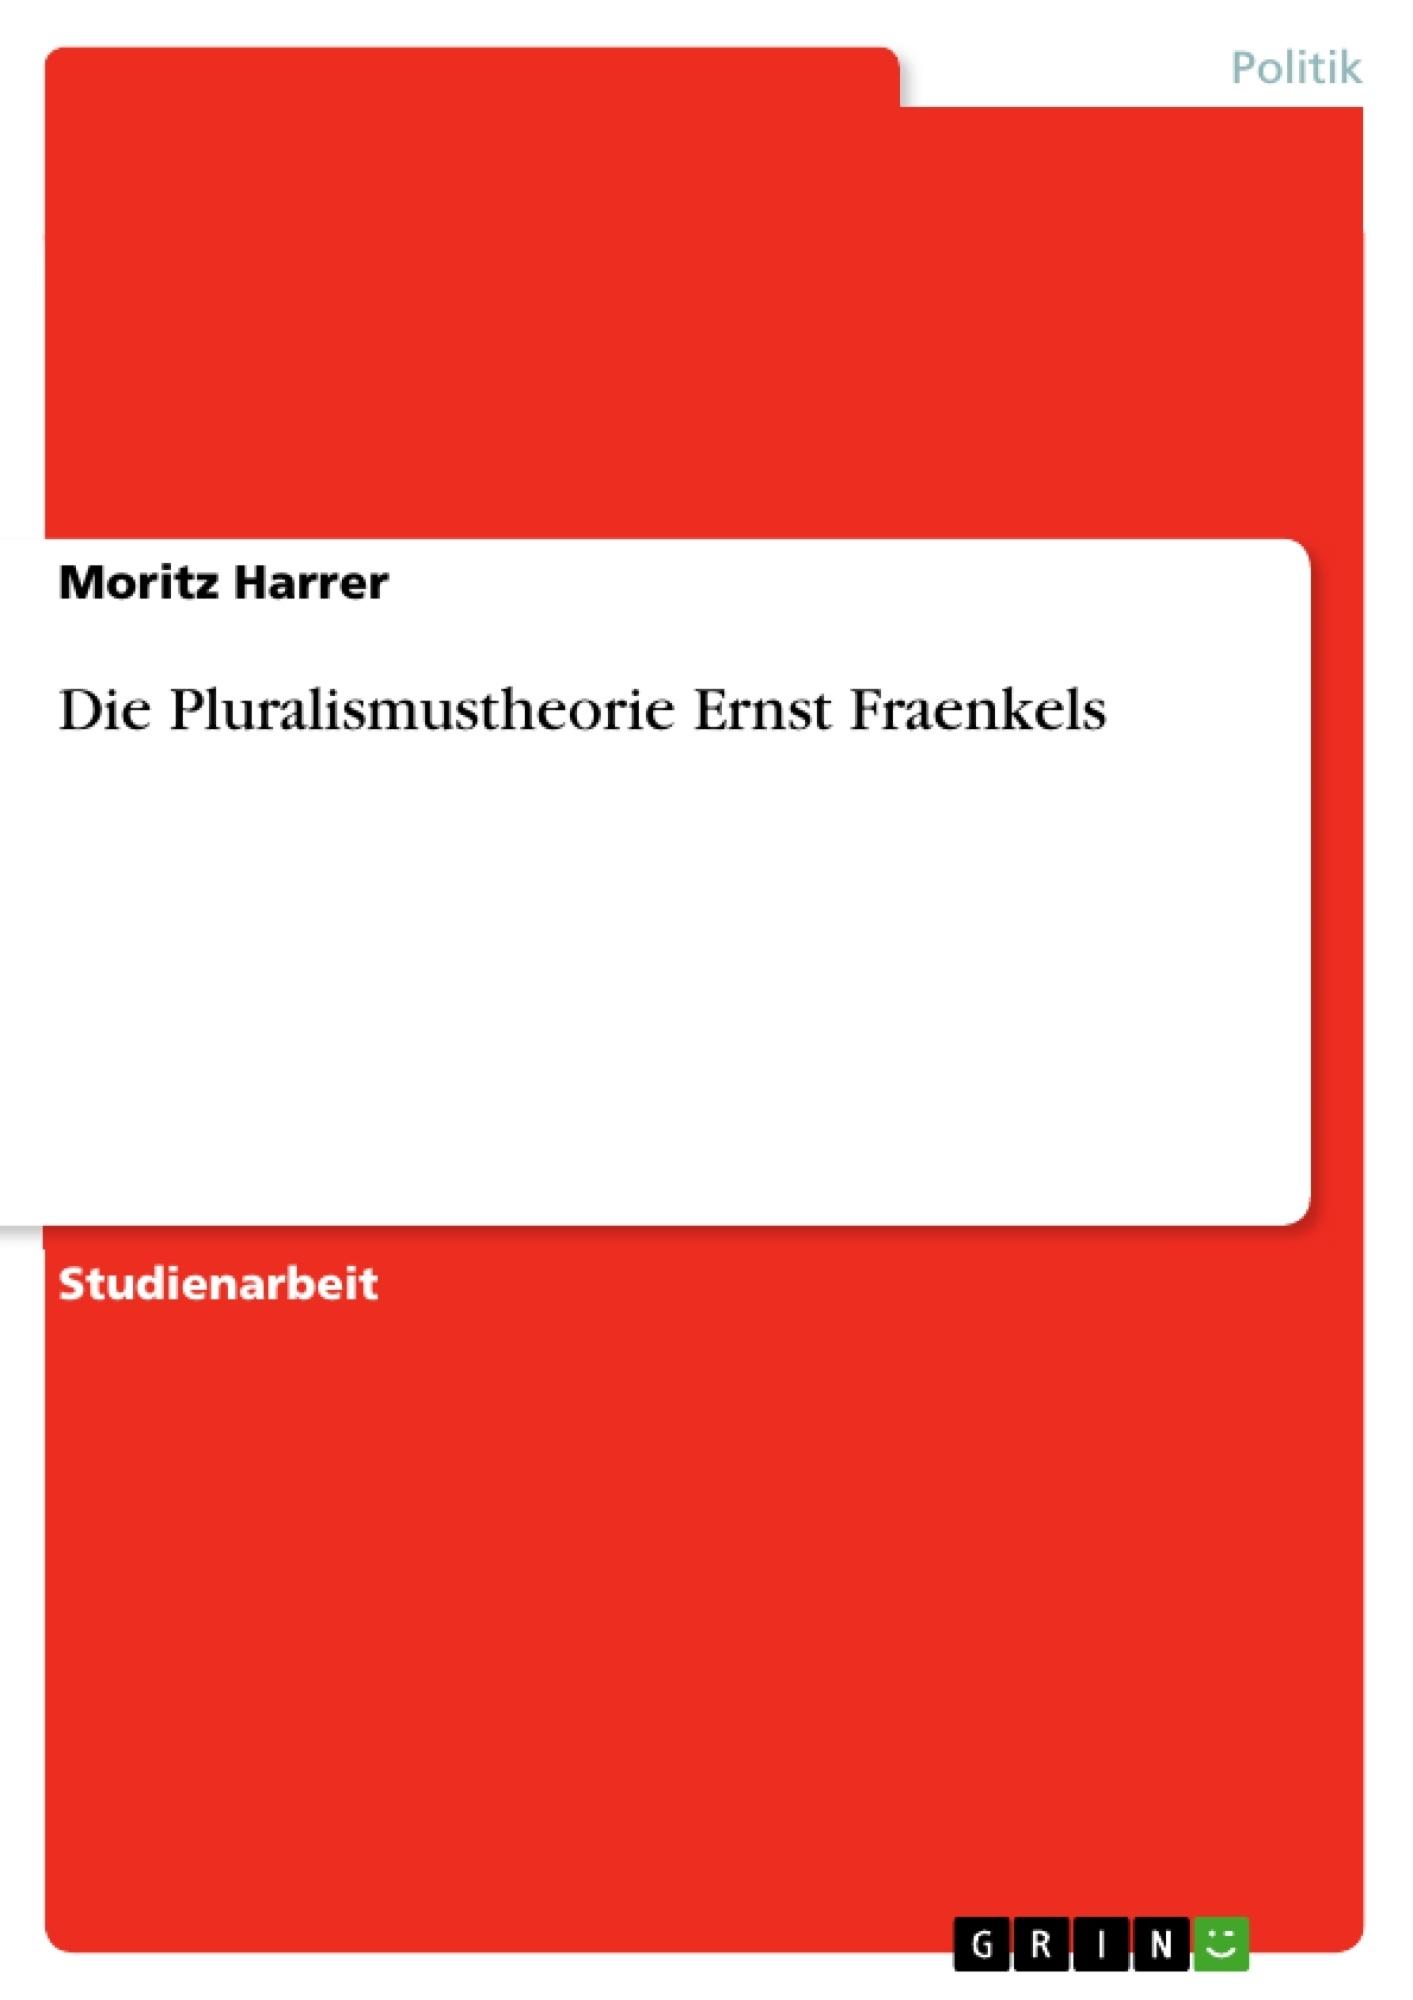 Titel: Die Pluralismustheorie Ernst Fraenkels